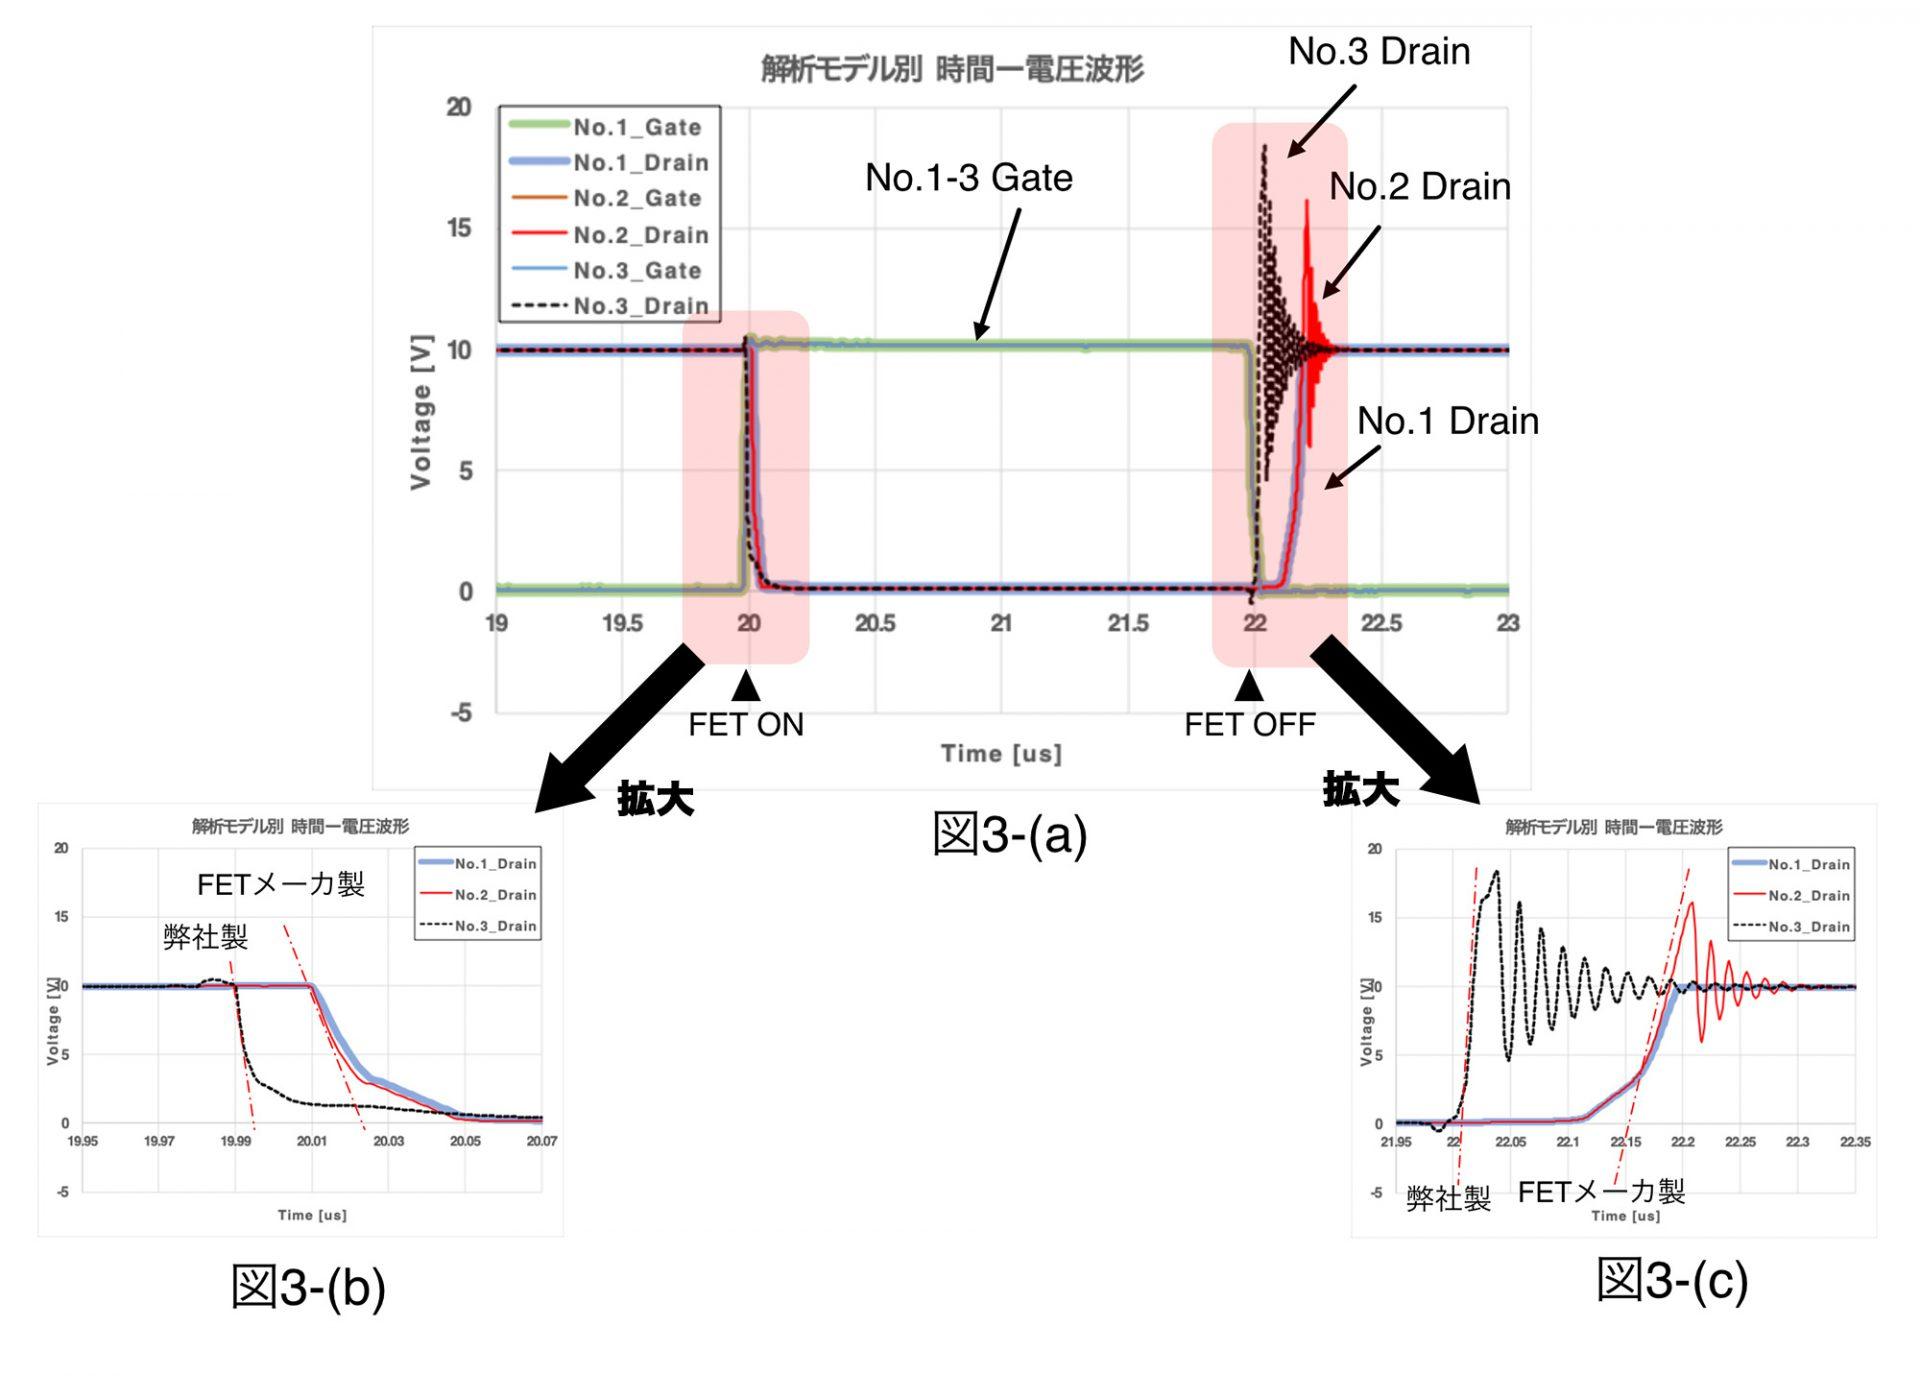 図3. 回路シミュレーション 時間-電圧波形